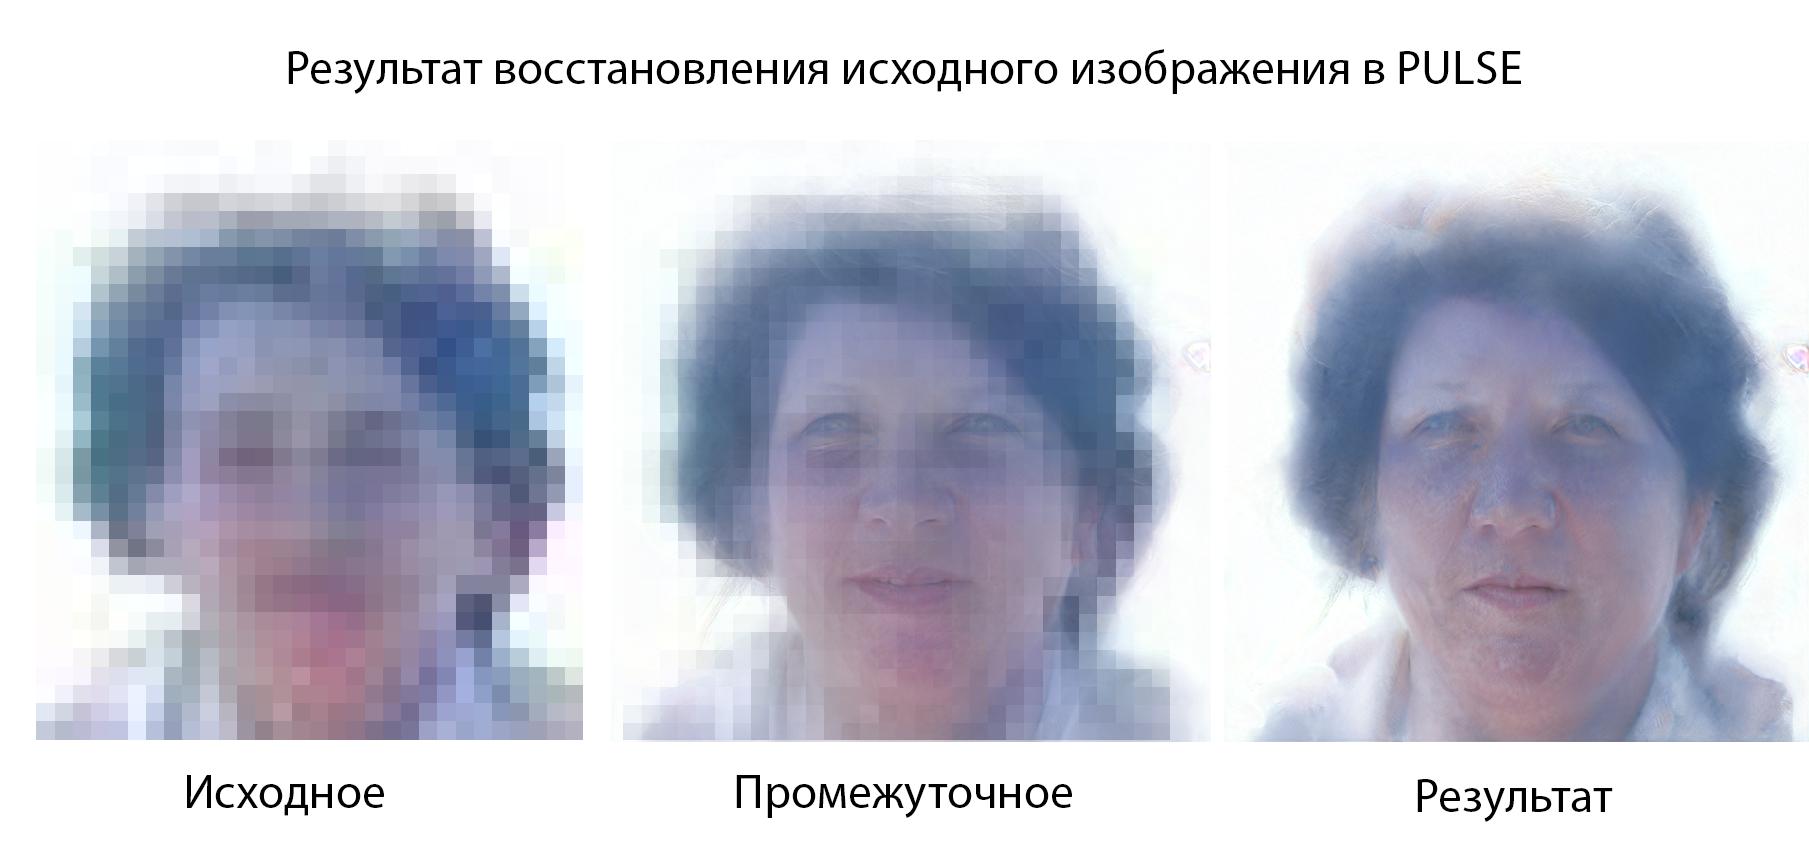 Результат восстановления исходного изображение в PULSE